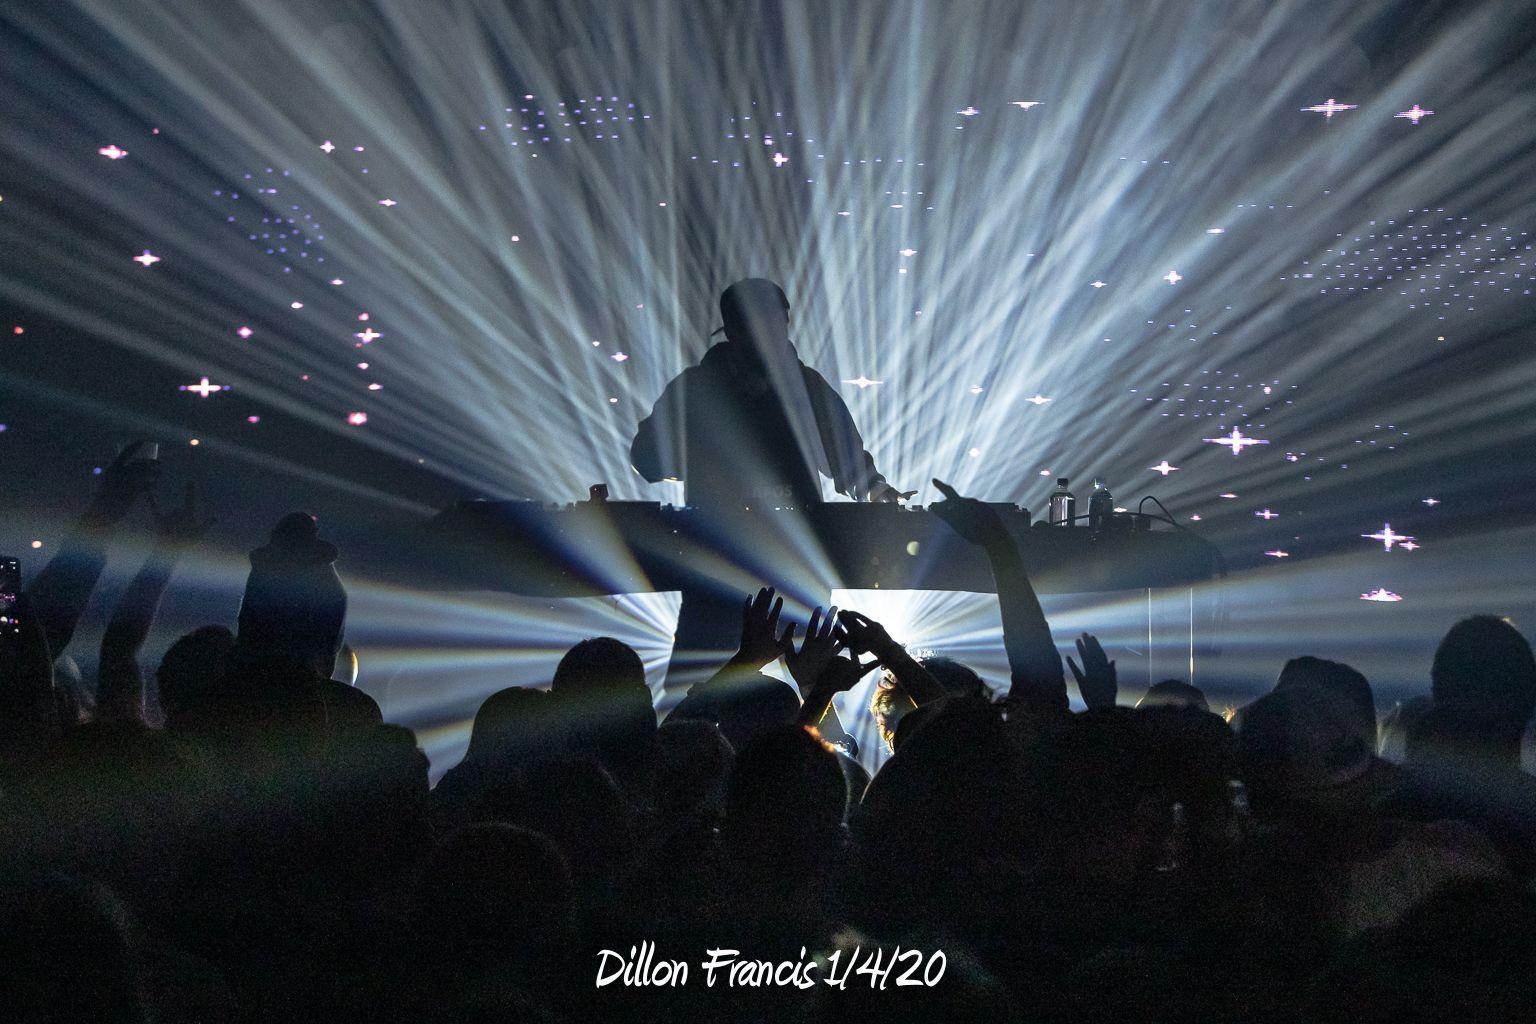 Dillon Francis 1/4/20